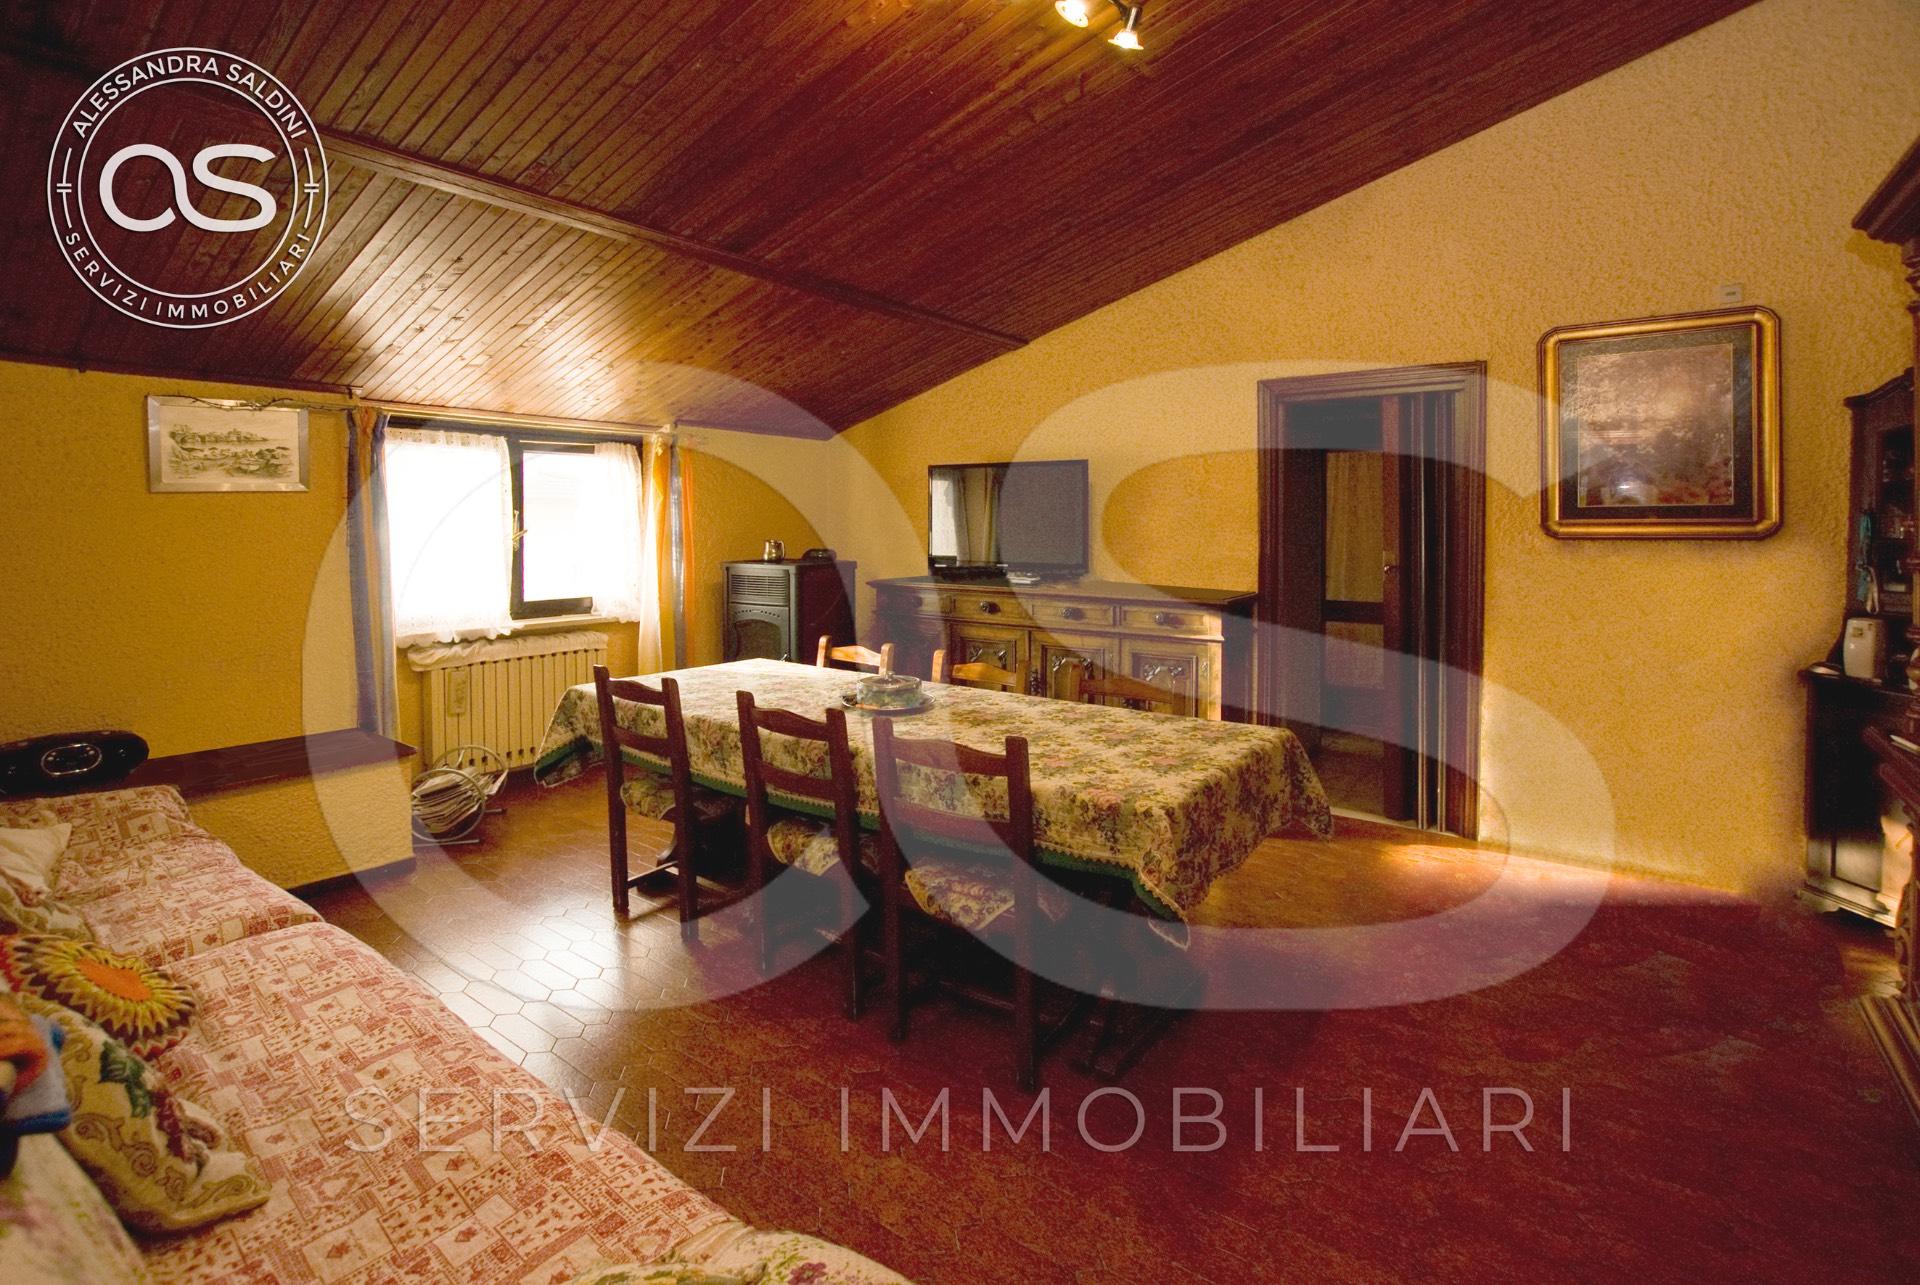 Appartamento in vendita a Leno, 3 locali, prezzo € 70.000 | CambioCasa.it